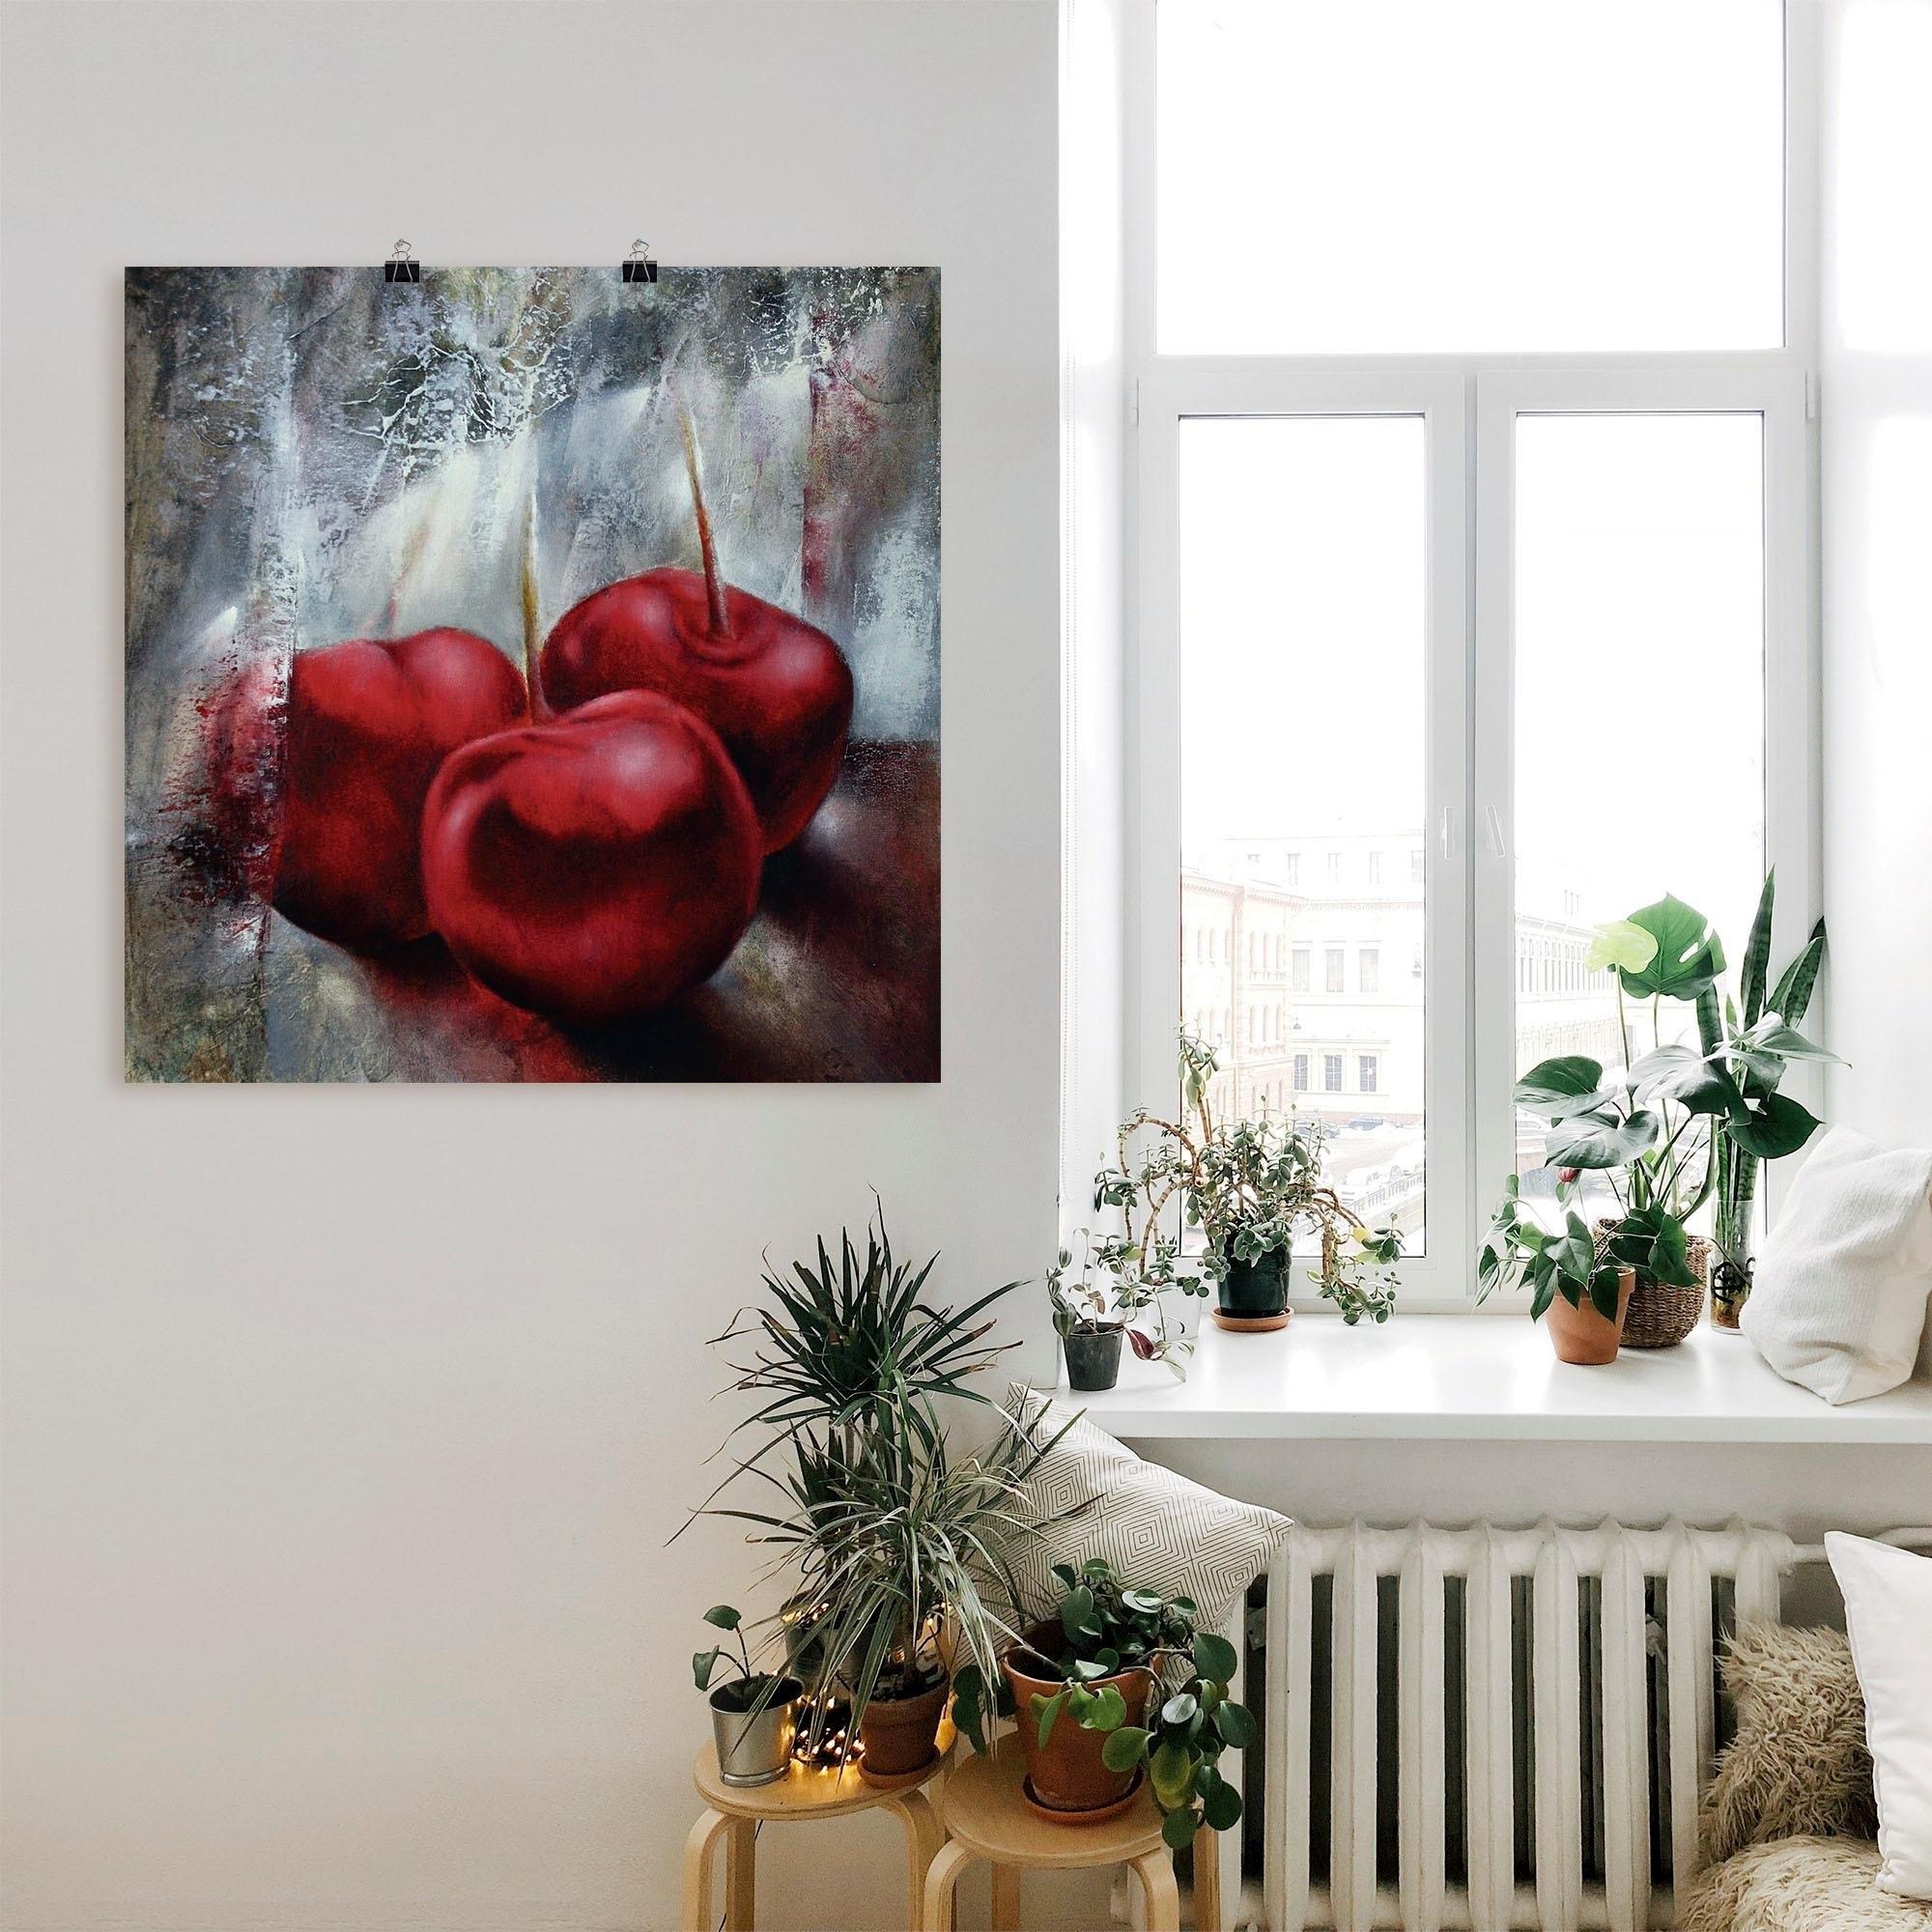 Artland artprint »Kirschen« - gratis ruilen op otto.nl